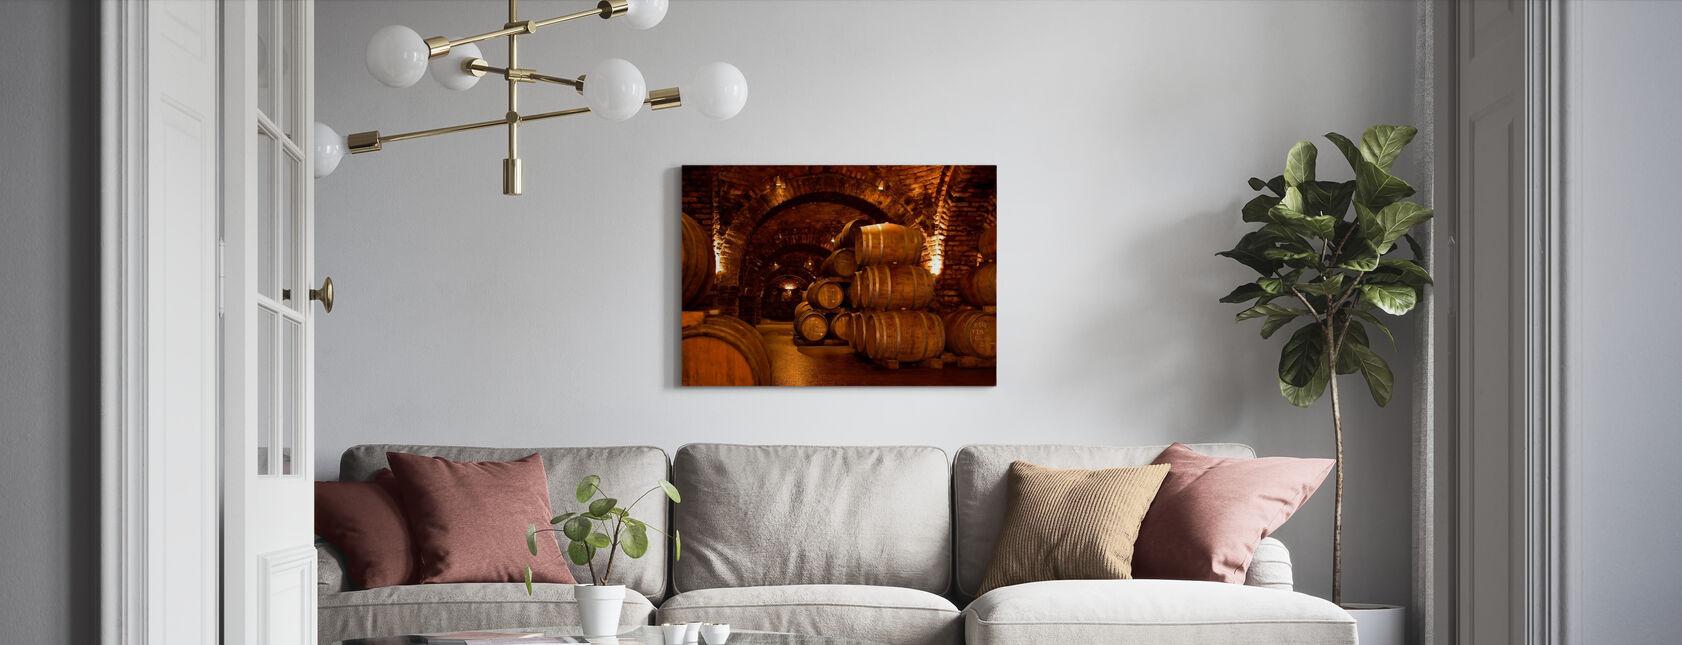 Vinkælder tønder - Billede på lærred - Stue